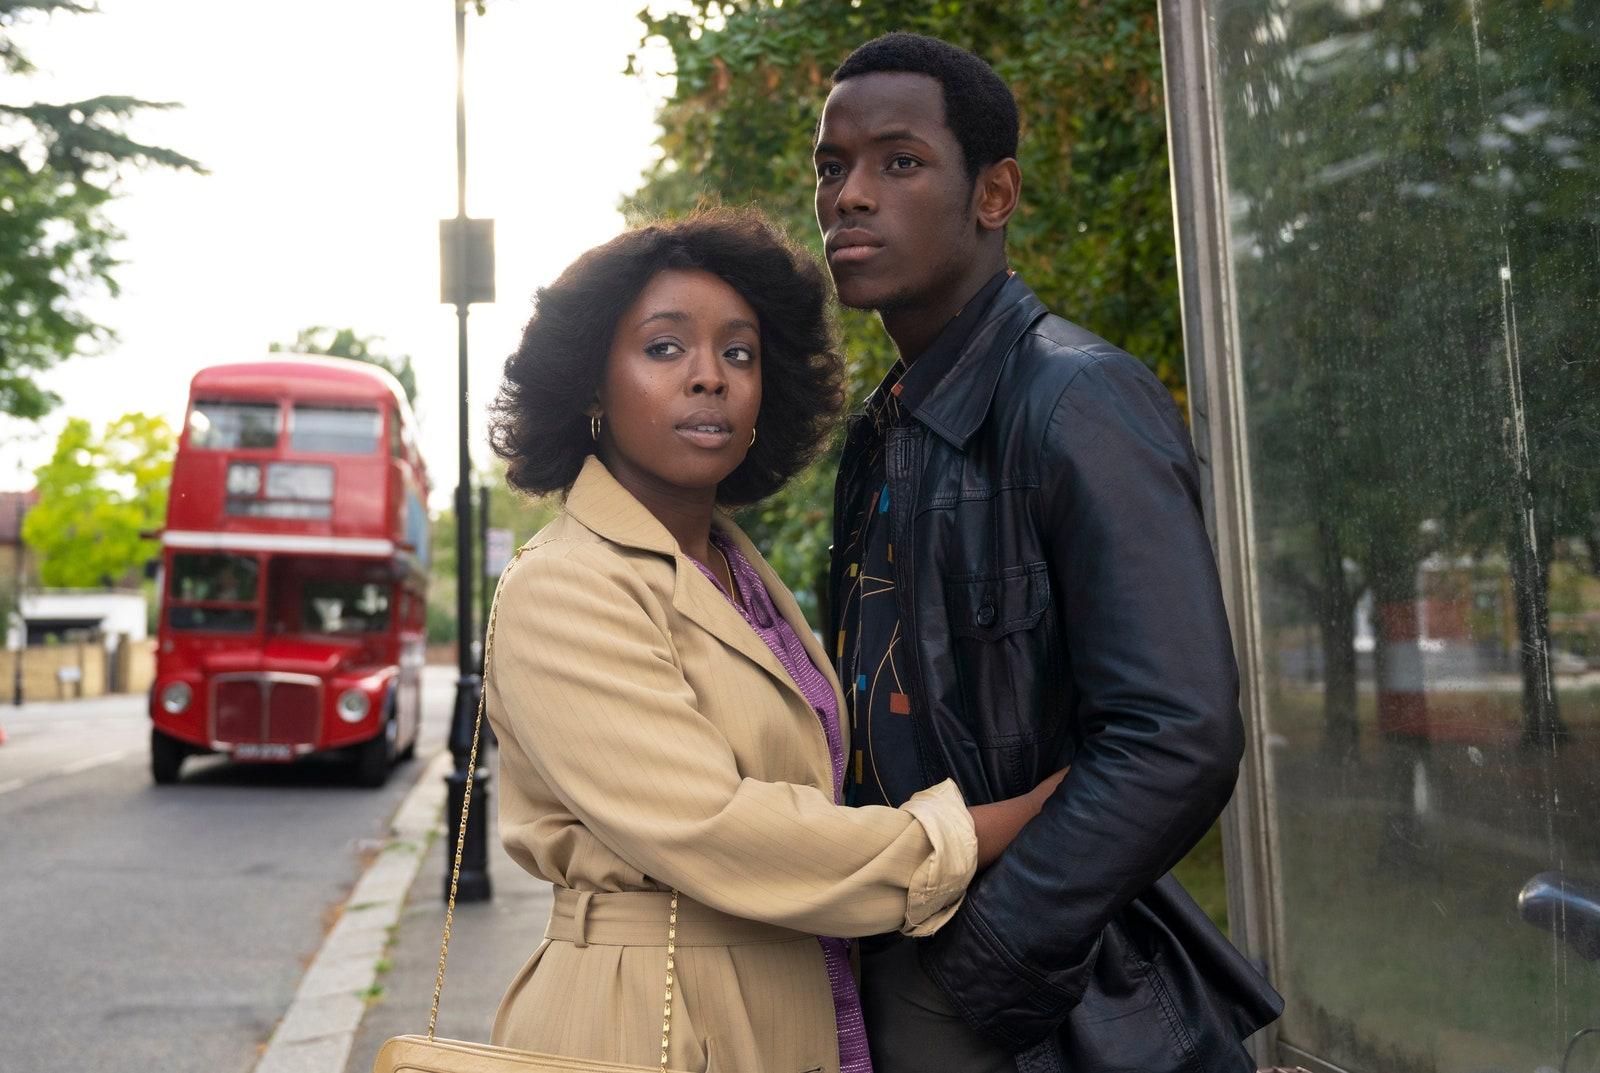 Portret dwójki młodych ludzi na tle zieleni i autobusu brytyjskiego moda w filmie